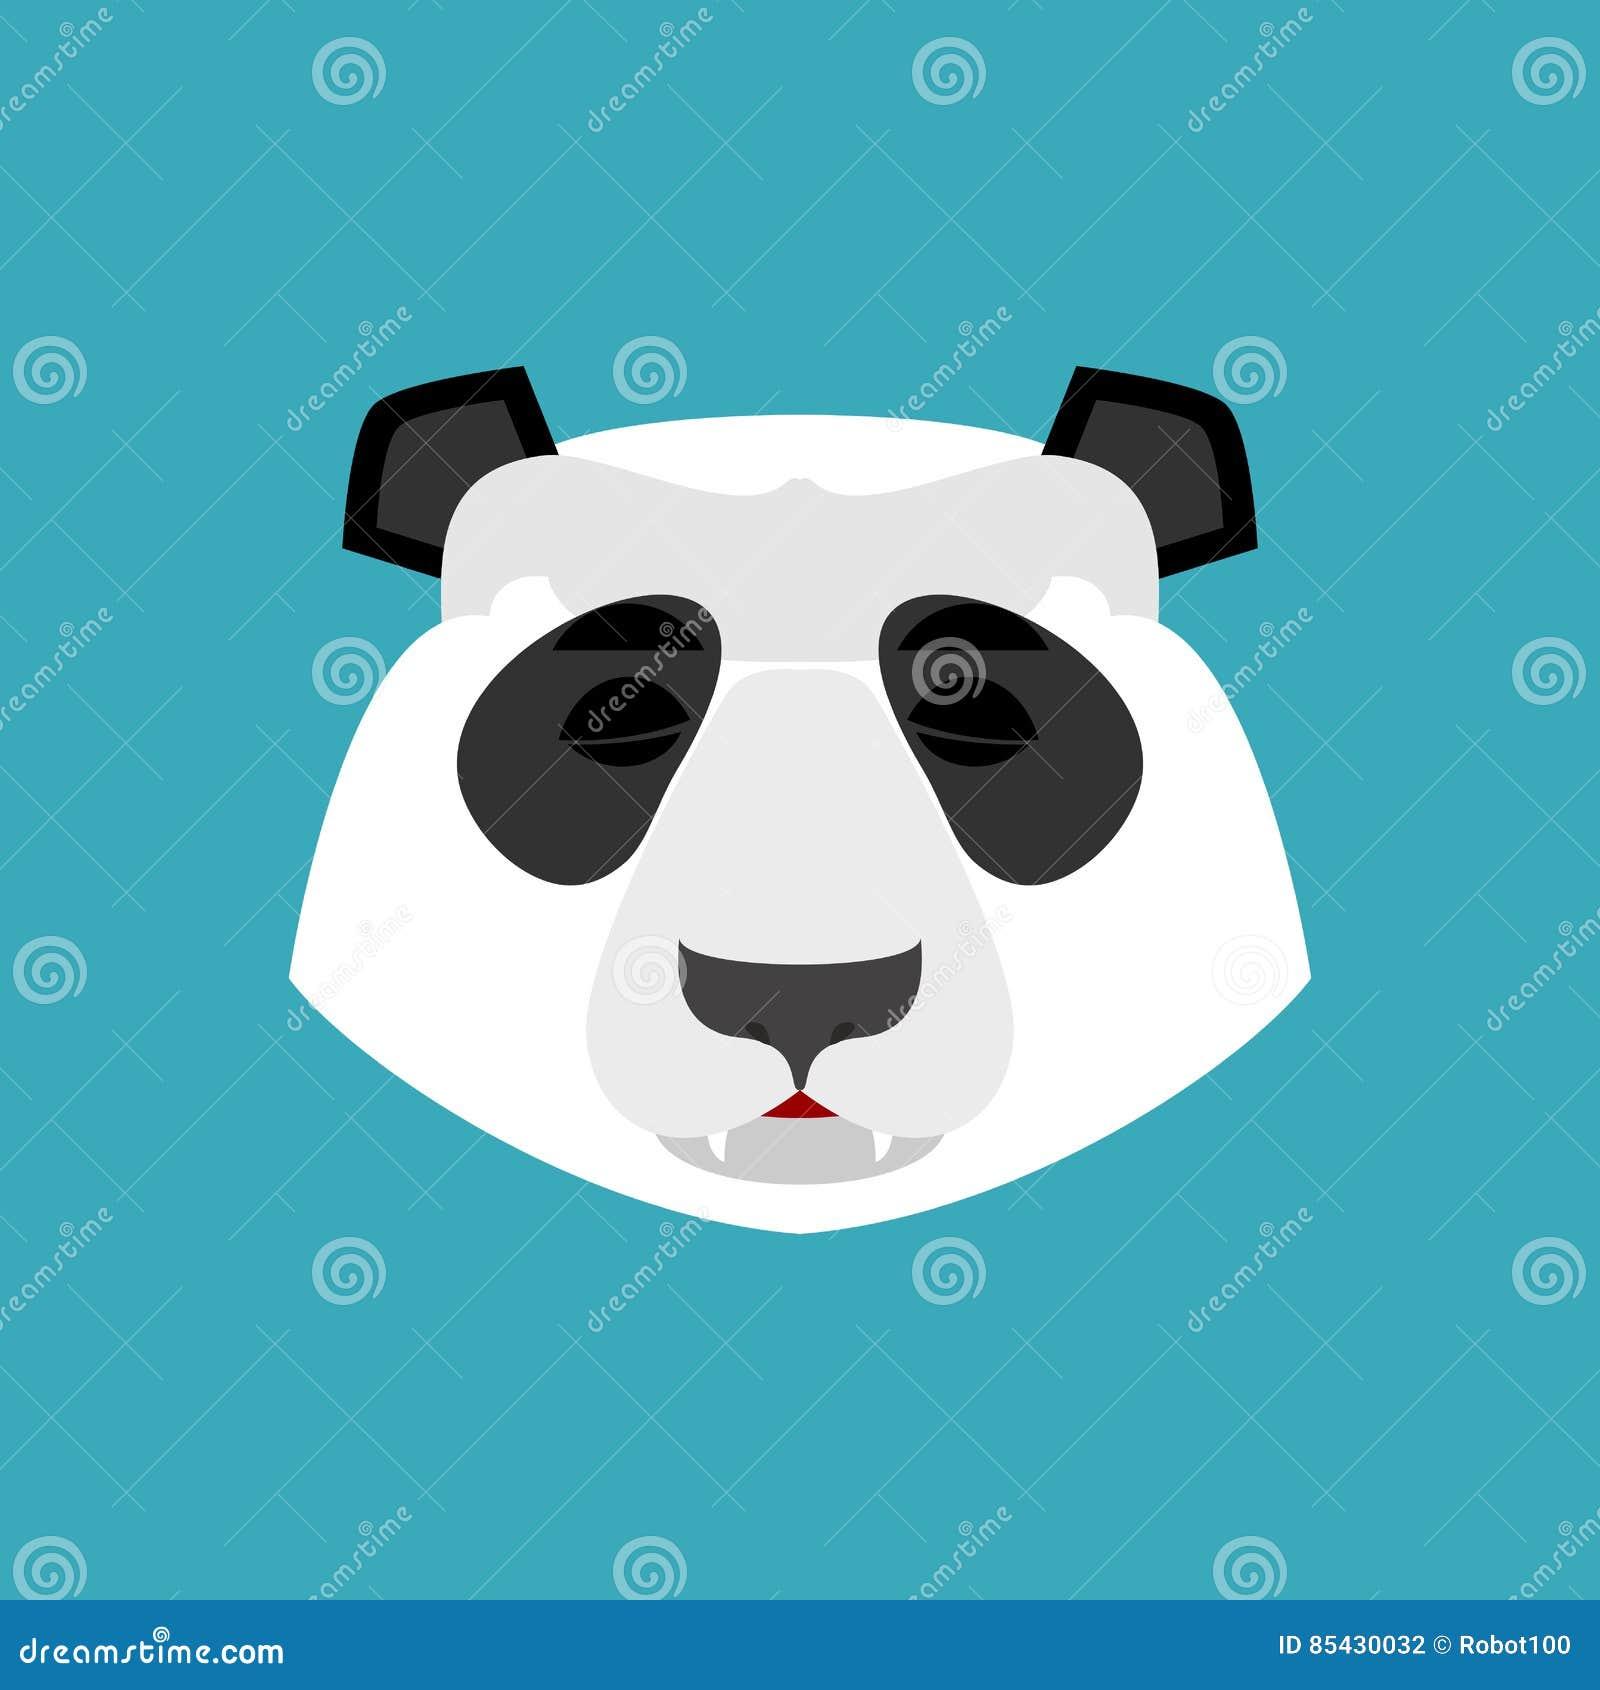 Sonno emoji del panda emozione addormentata dellorso cinese isolata